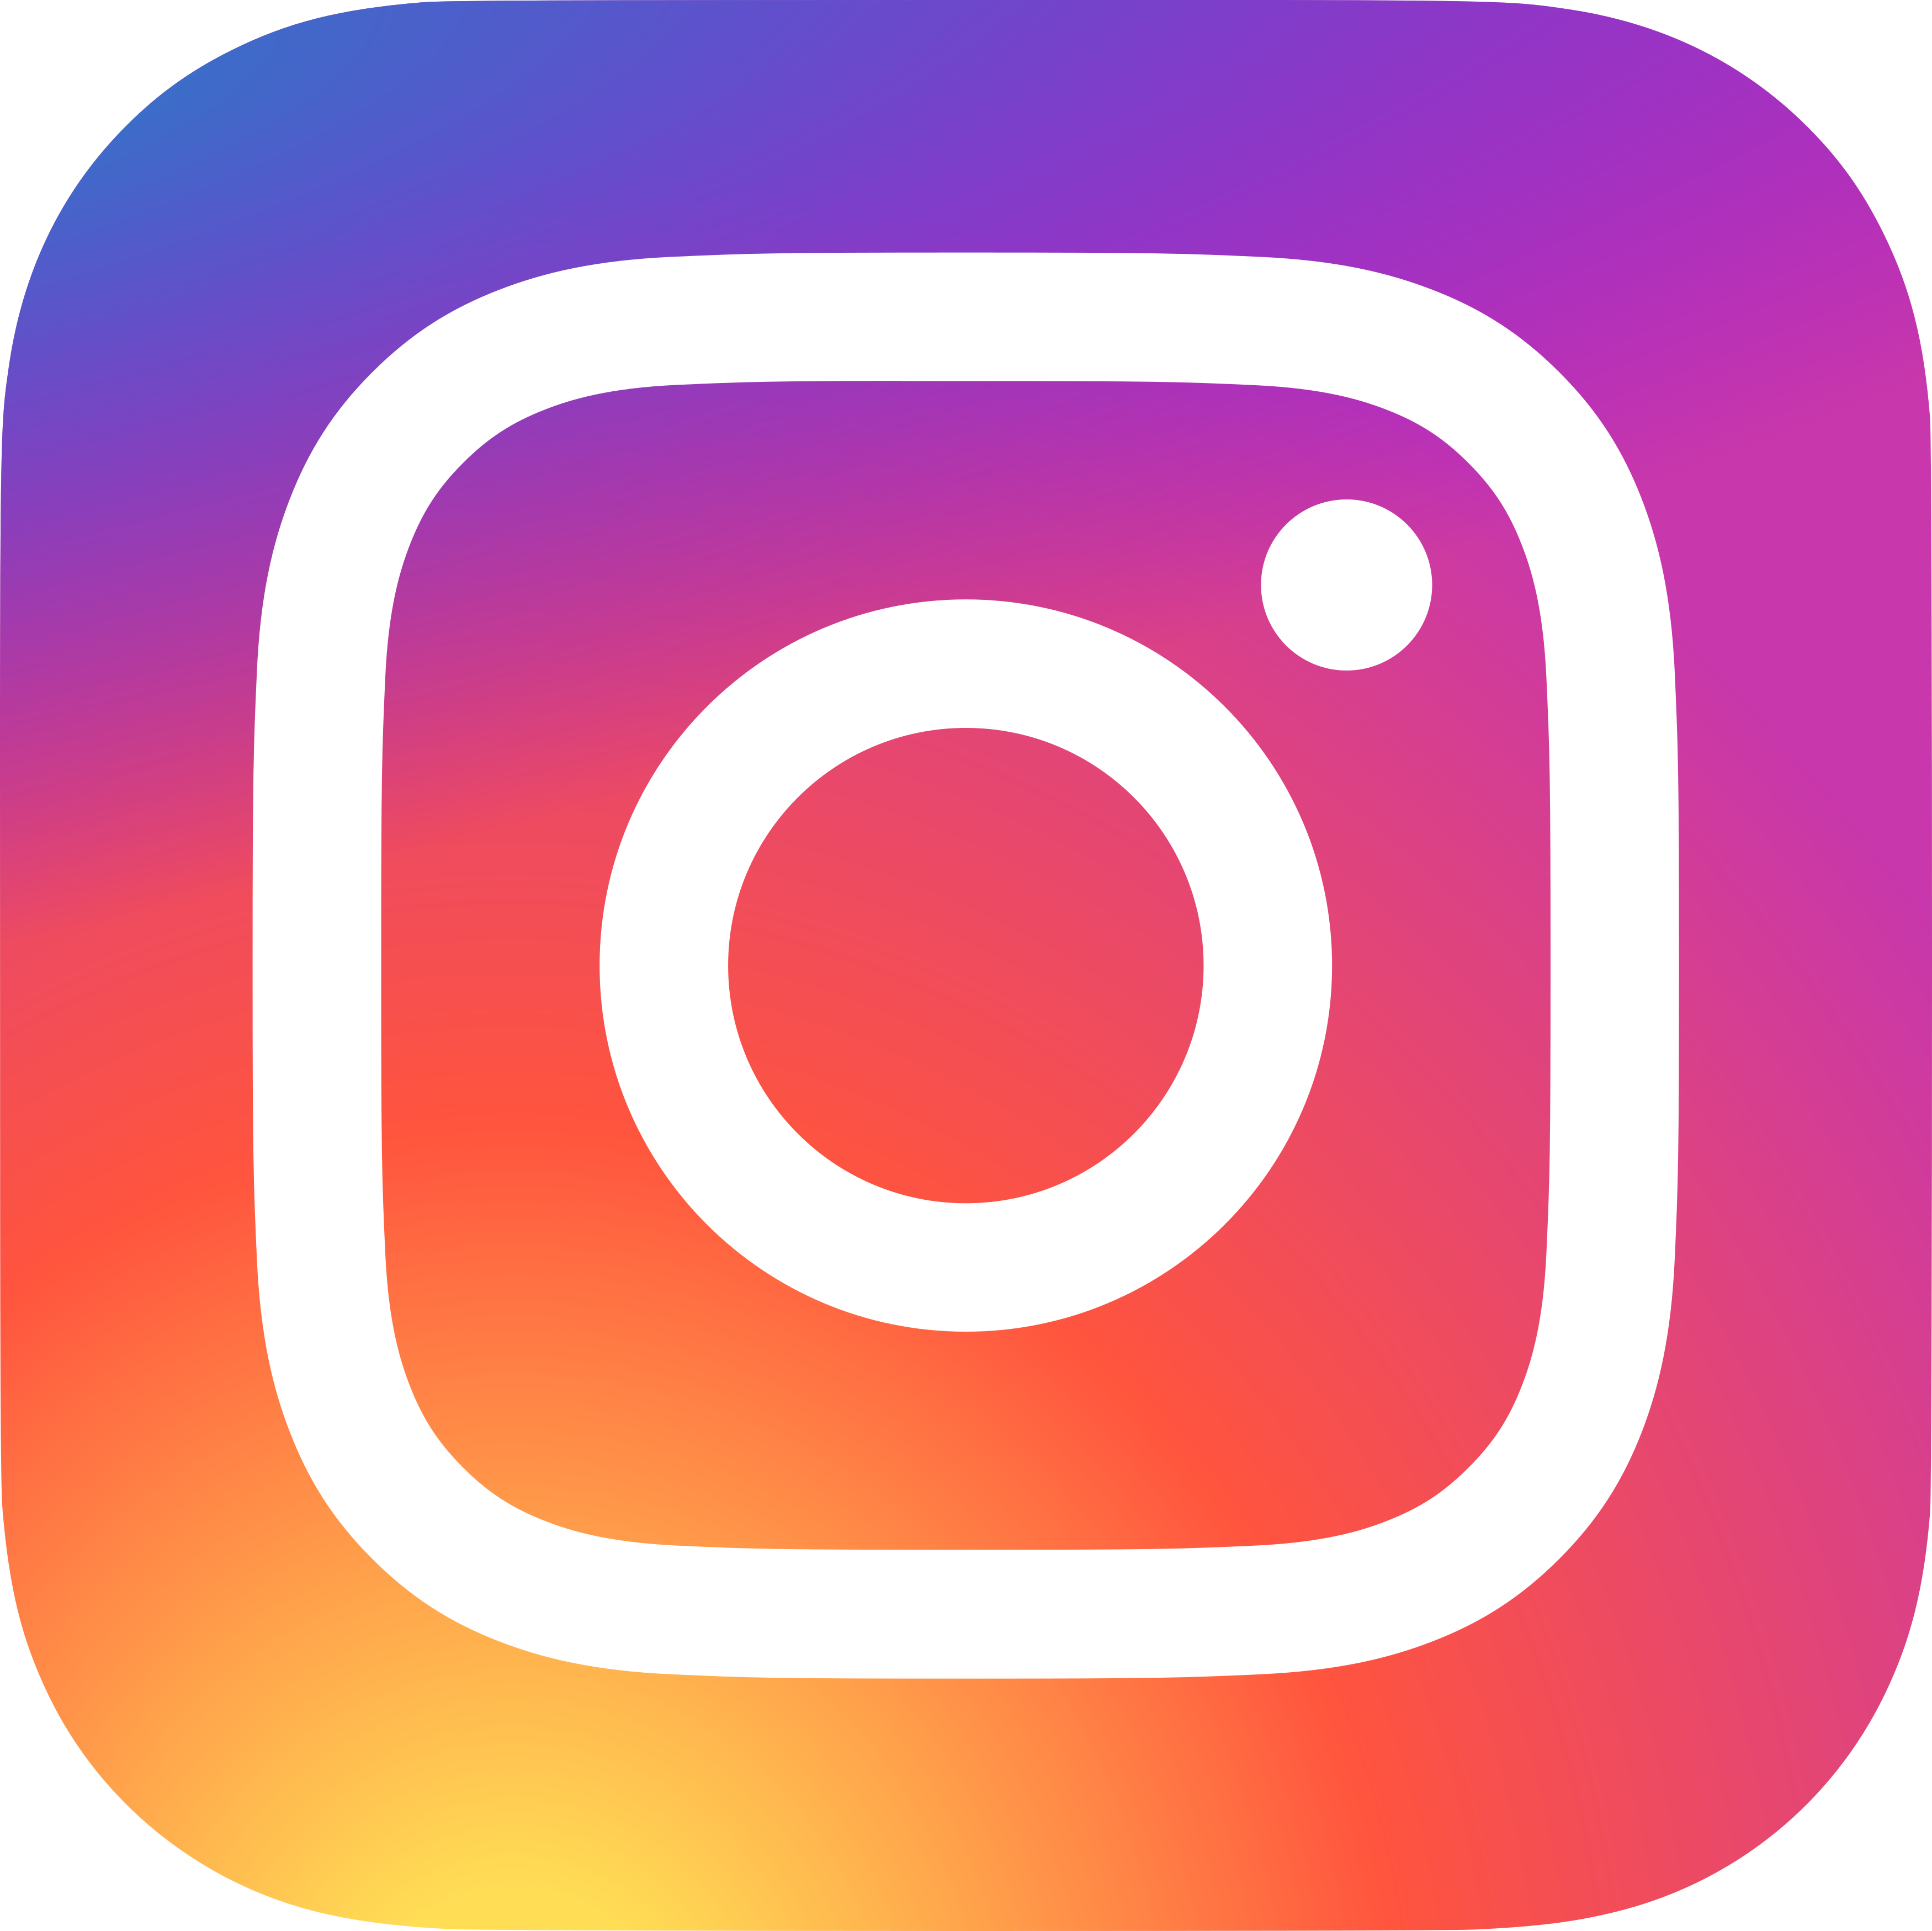 Resultado de imagen de instagram png